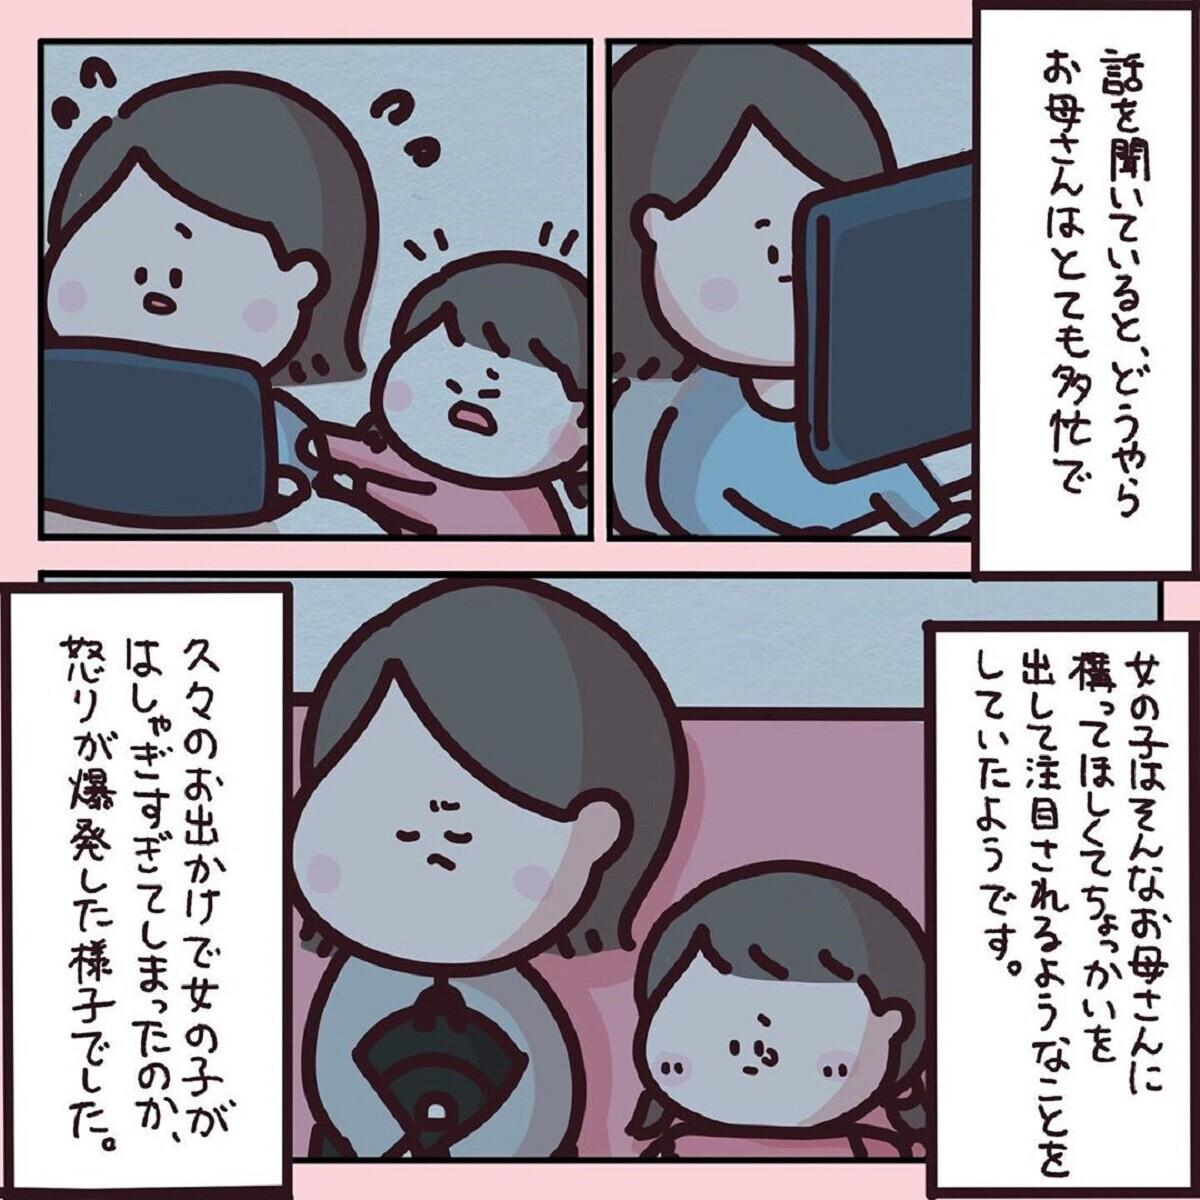 話を聞いていると、どうやらお母さんはとても多忙で、女の子はそんなお母さんに構ってほしくてちょっかいを出して注目されるようなことをしていたようです。